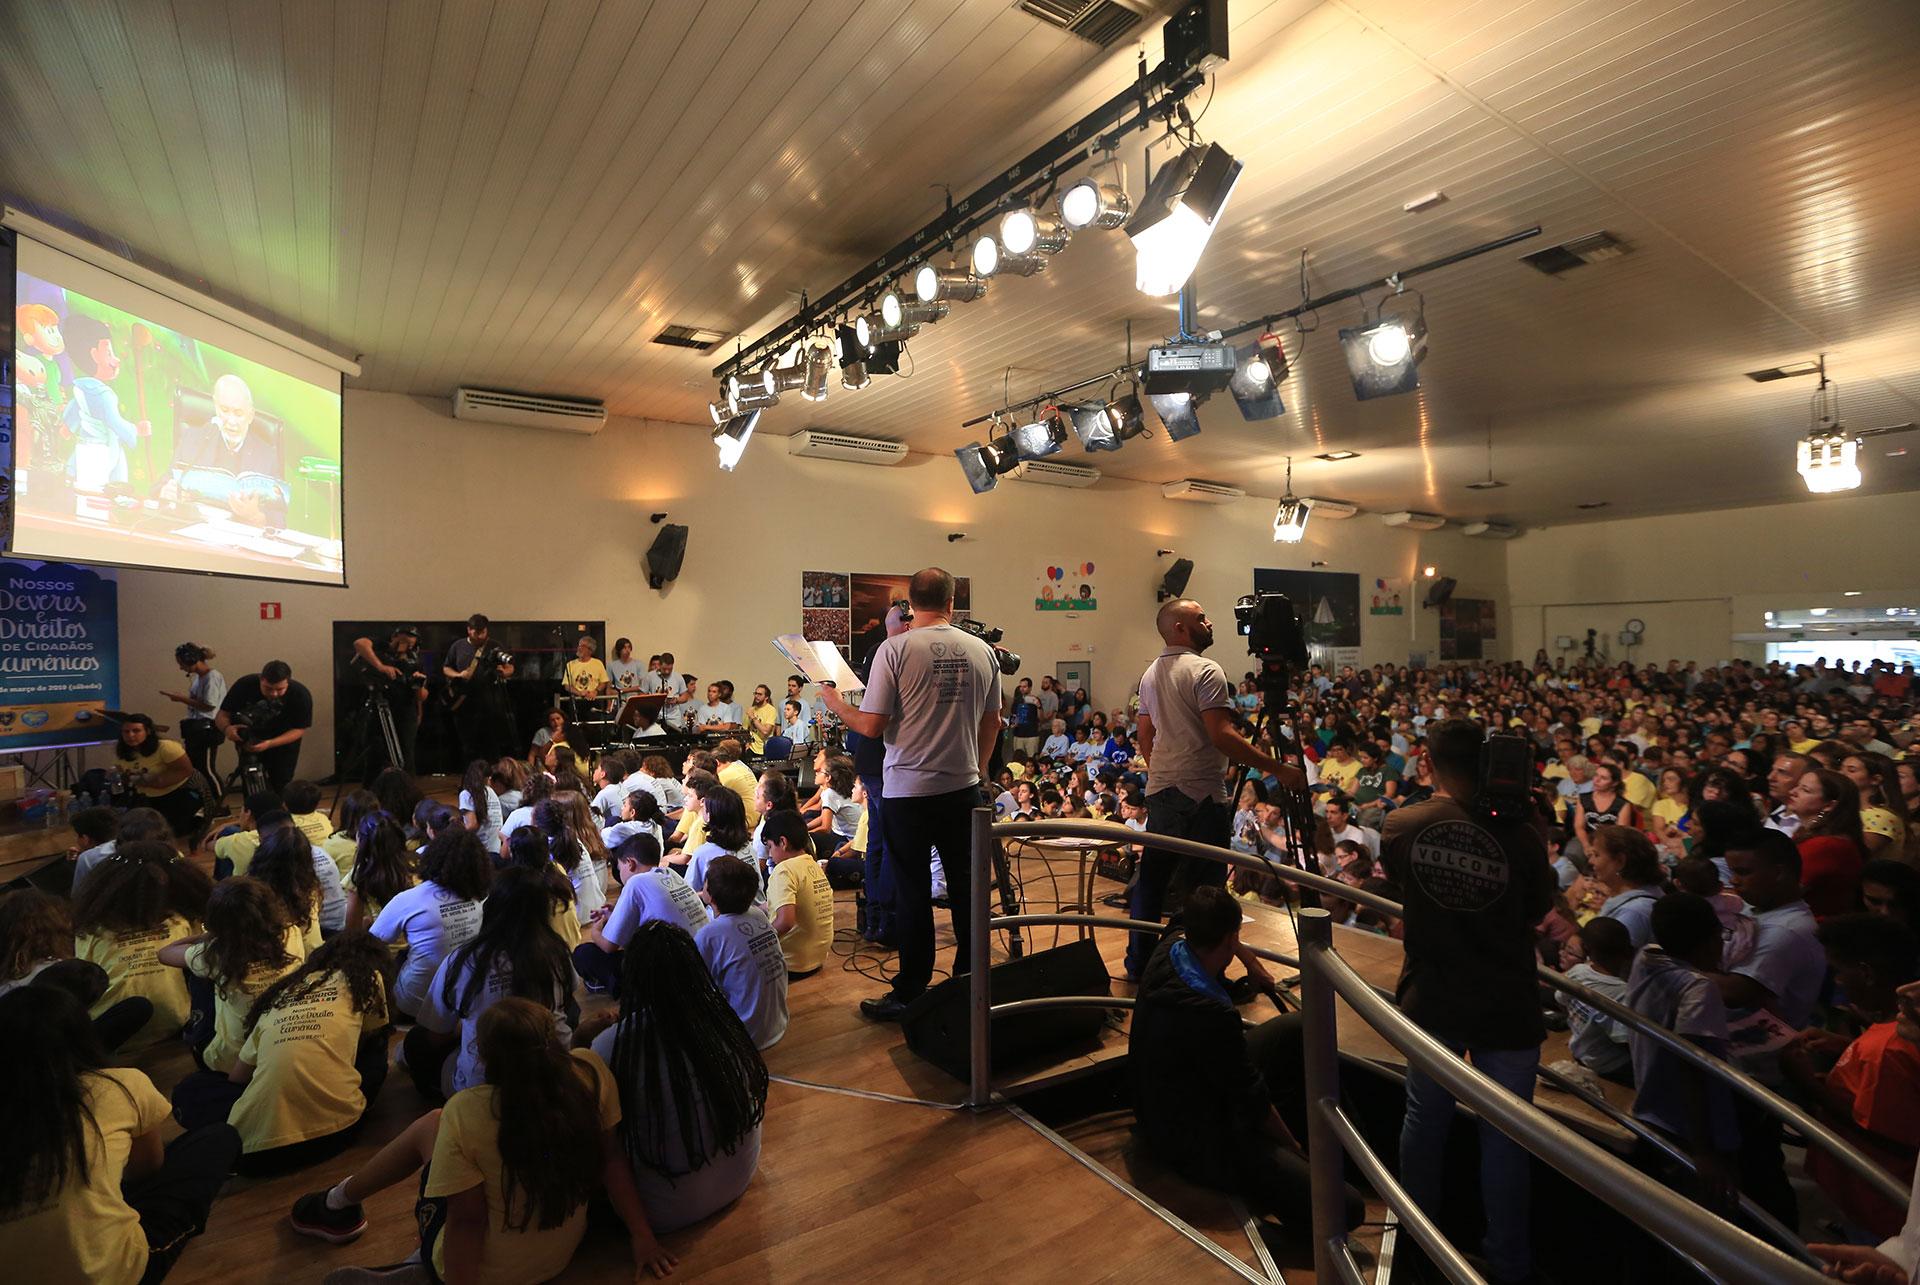 São Paulo, SP — Atentos, os Soldadinhos de Deus, da LBV, acompanham as palavras do presidente-pregador da Religião Divina, José de Paiva Netto.